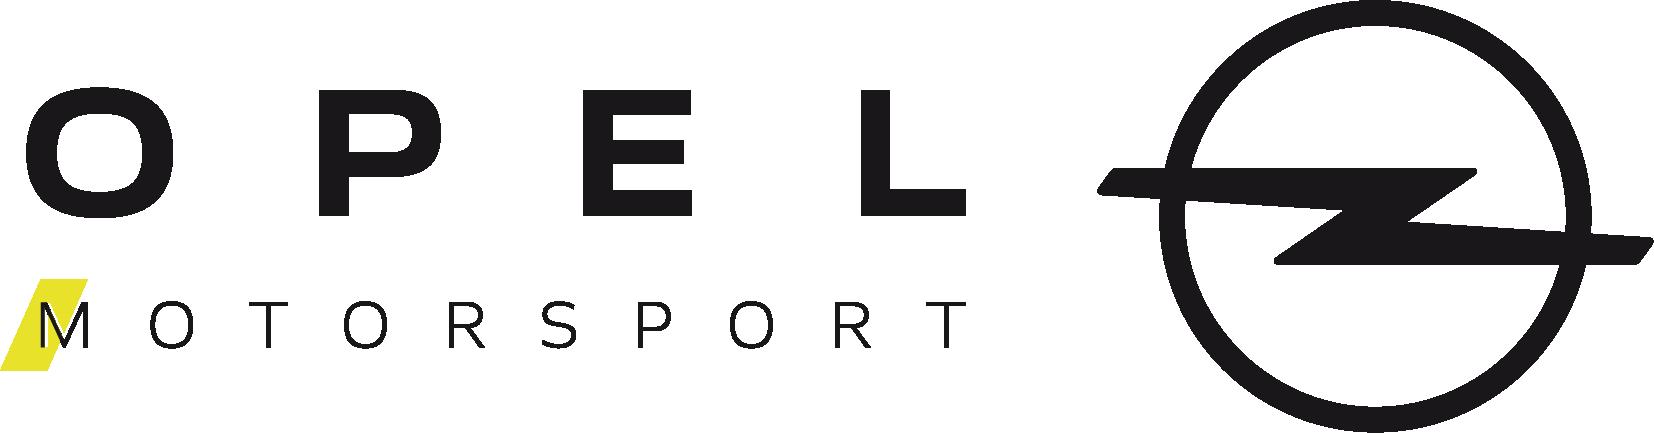 opel motorsport logo